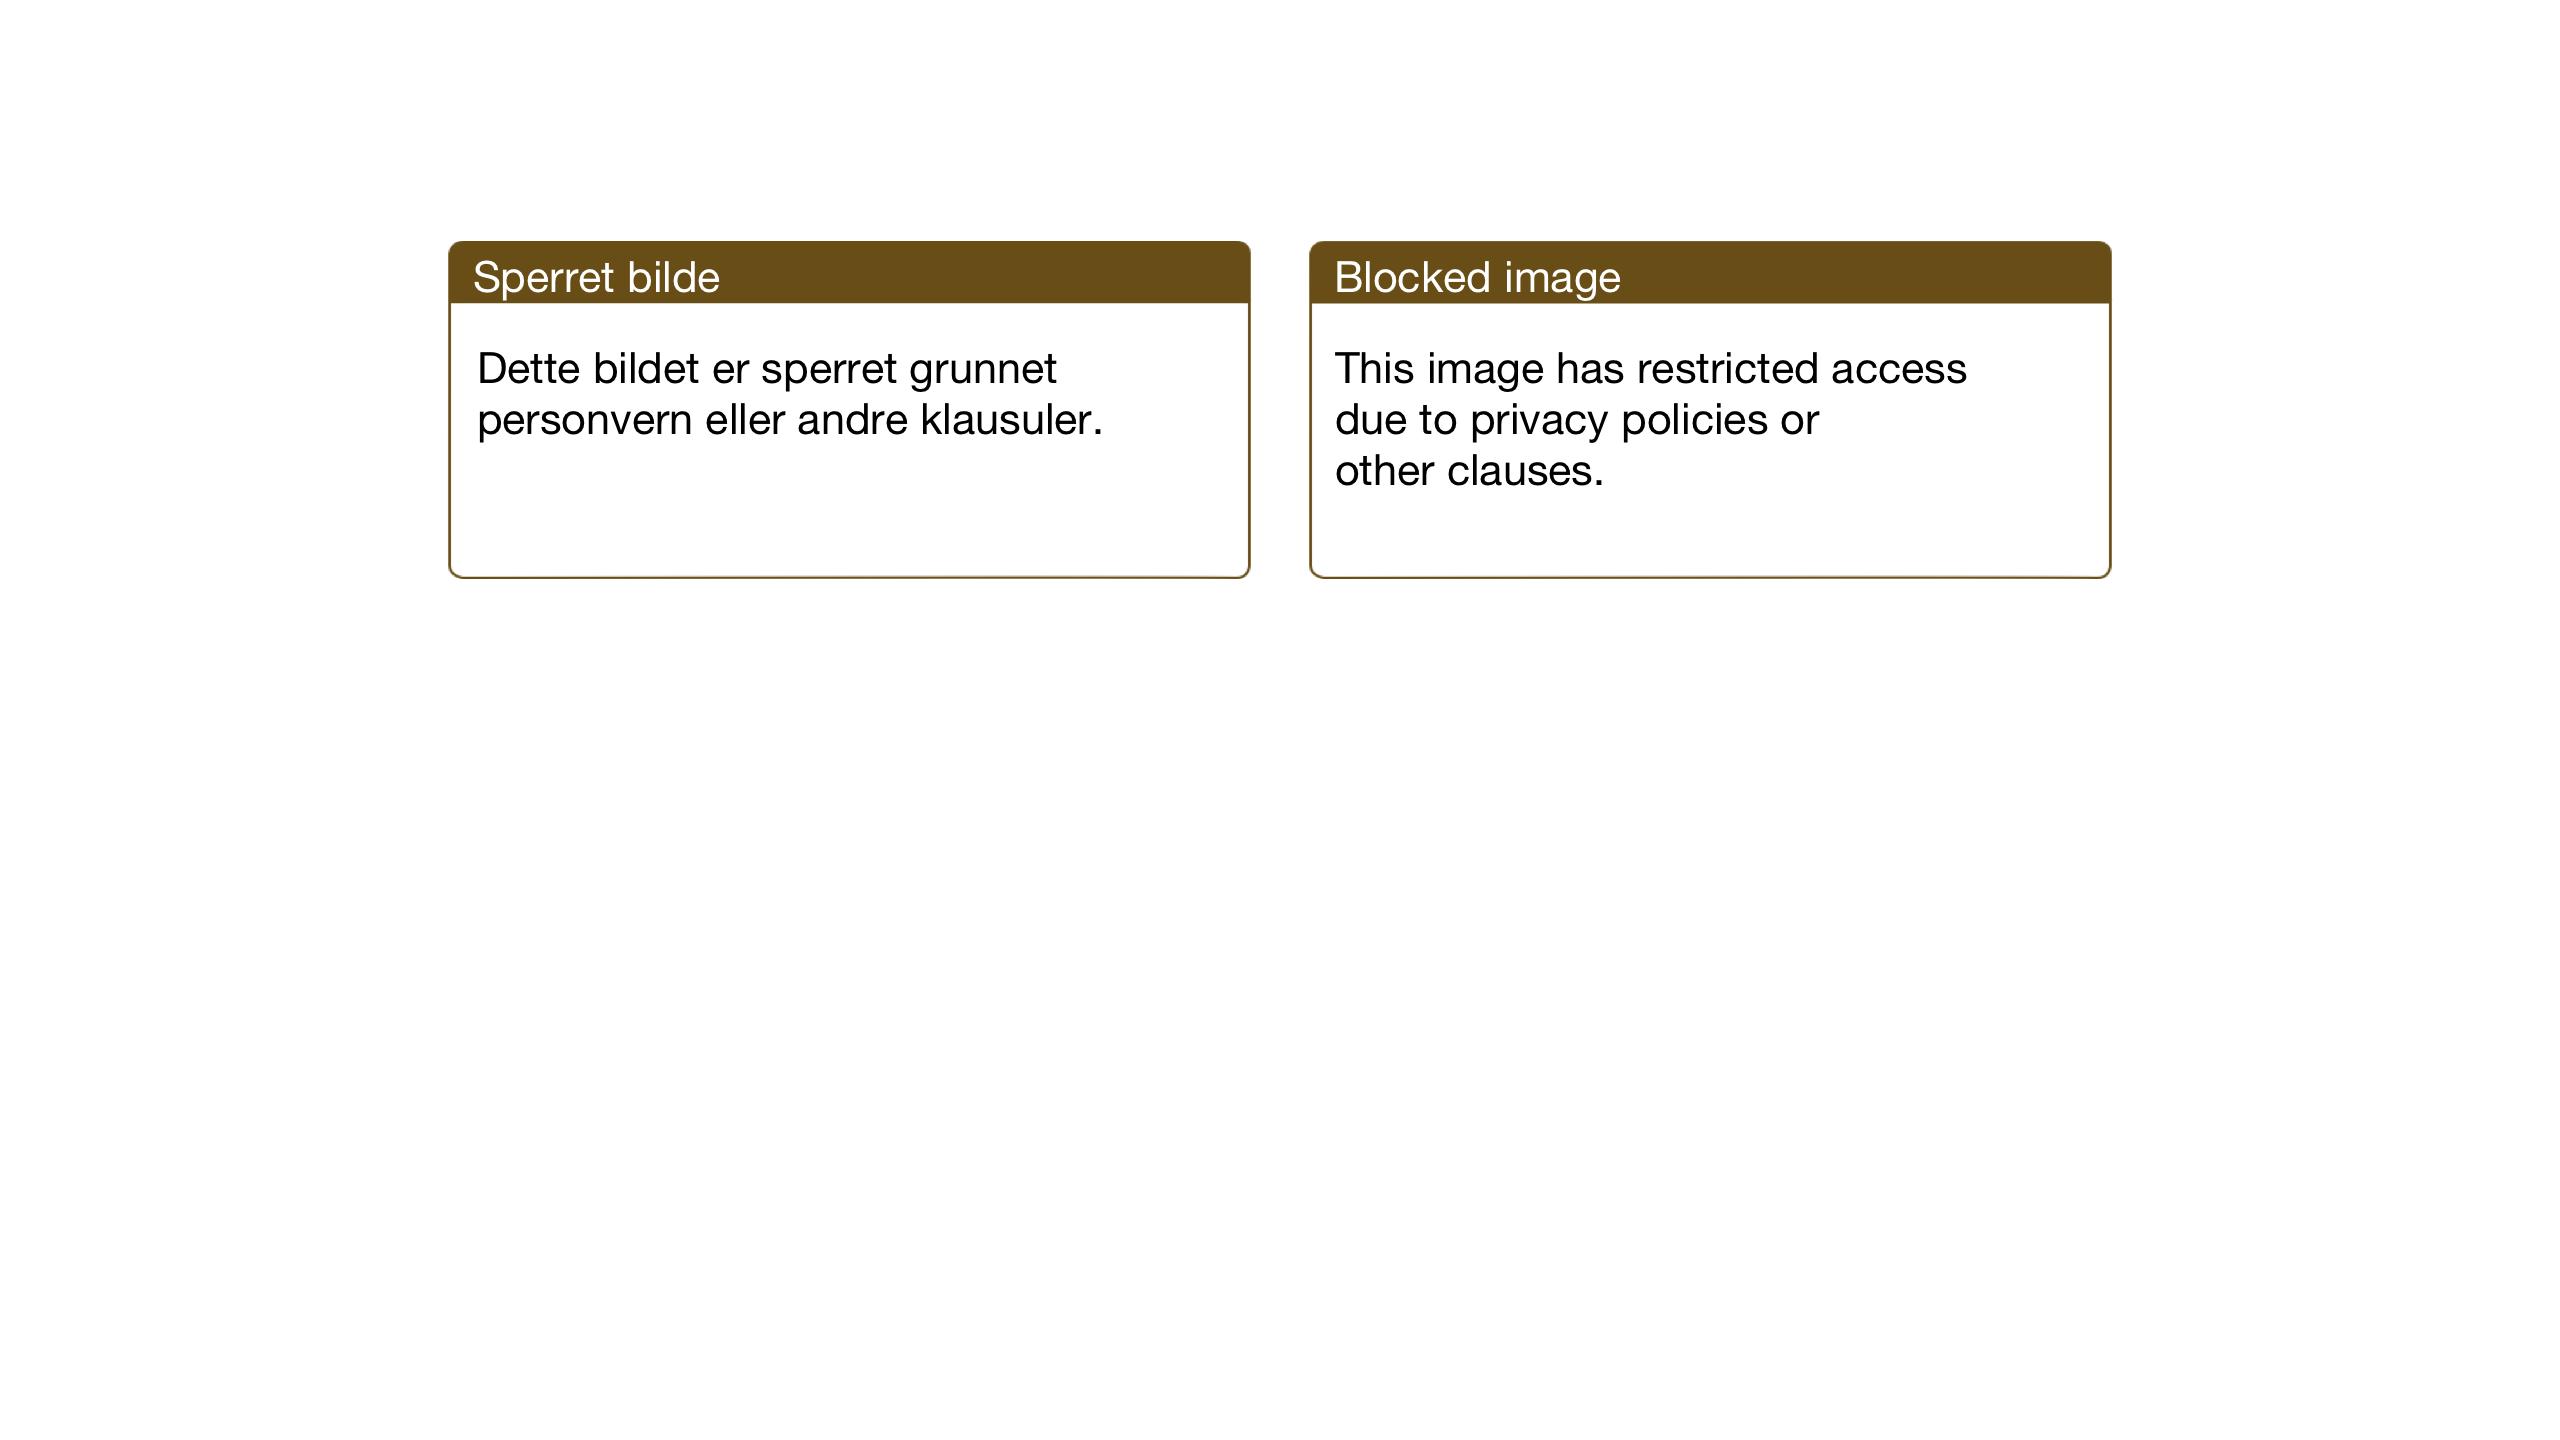 SAT, Ministerialprotokoller, klokkerbøker og fødselsregistre - Sør-Trøndelag, 698/L1169: Klokkerbok nr. 698C06, 1930-1949, s. 40